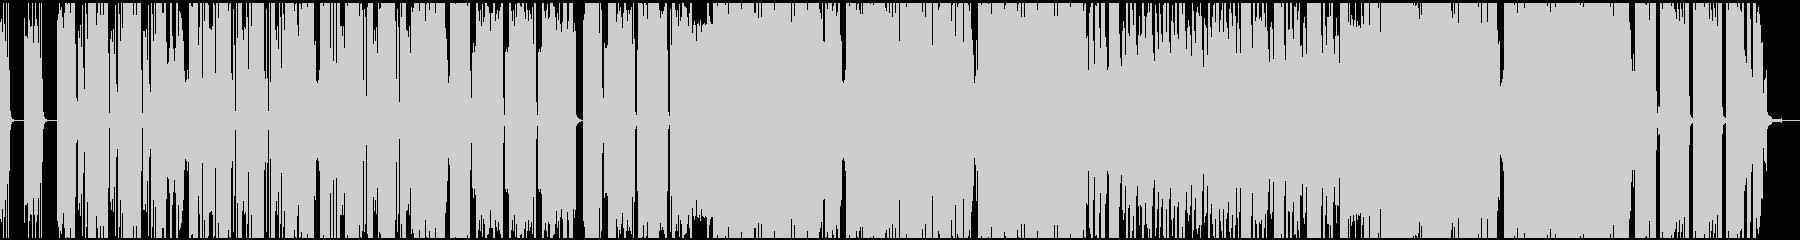 ダブステップでテンションの上がる曲の未再生の波形